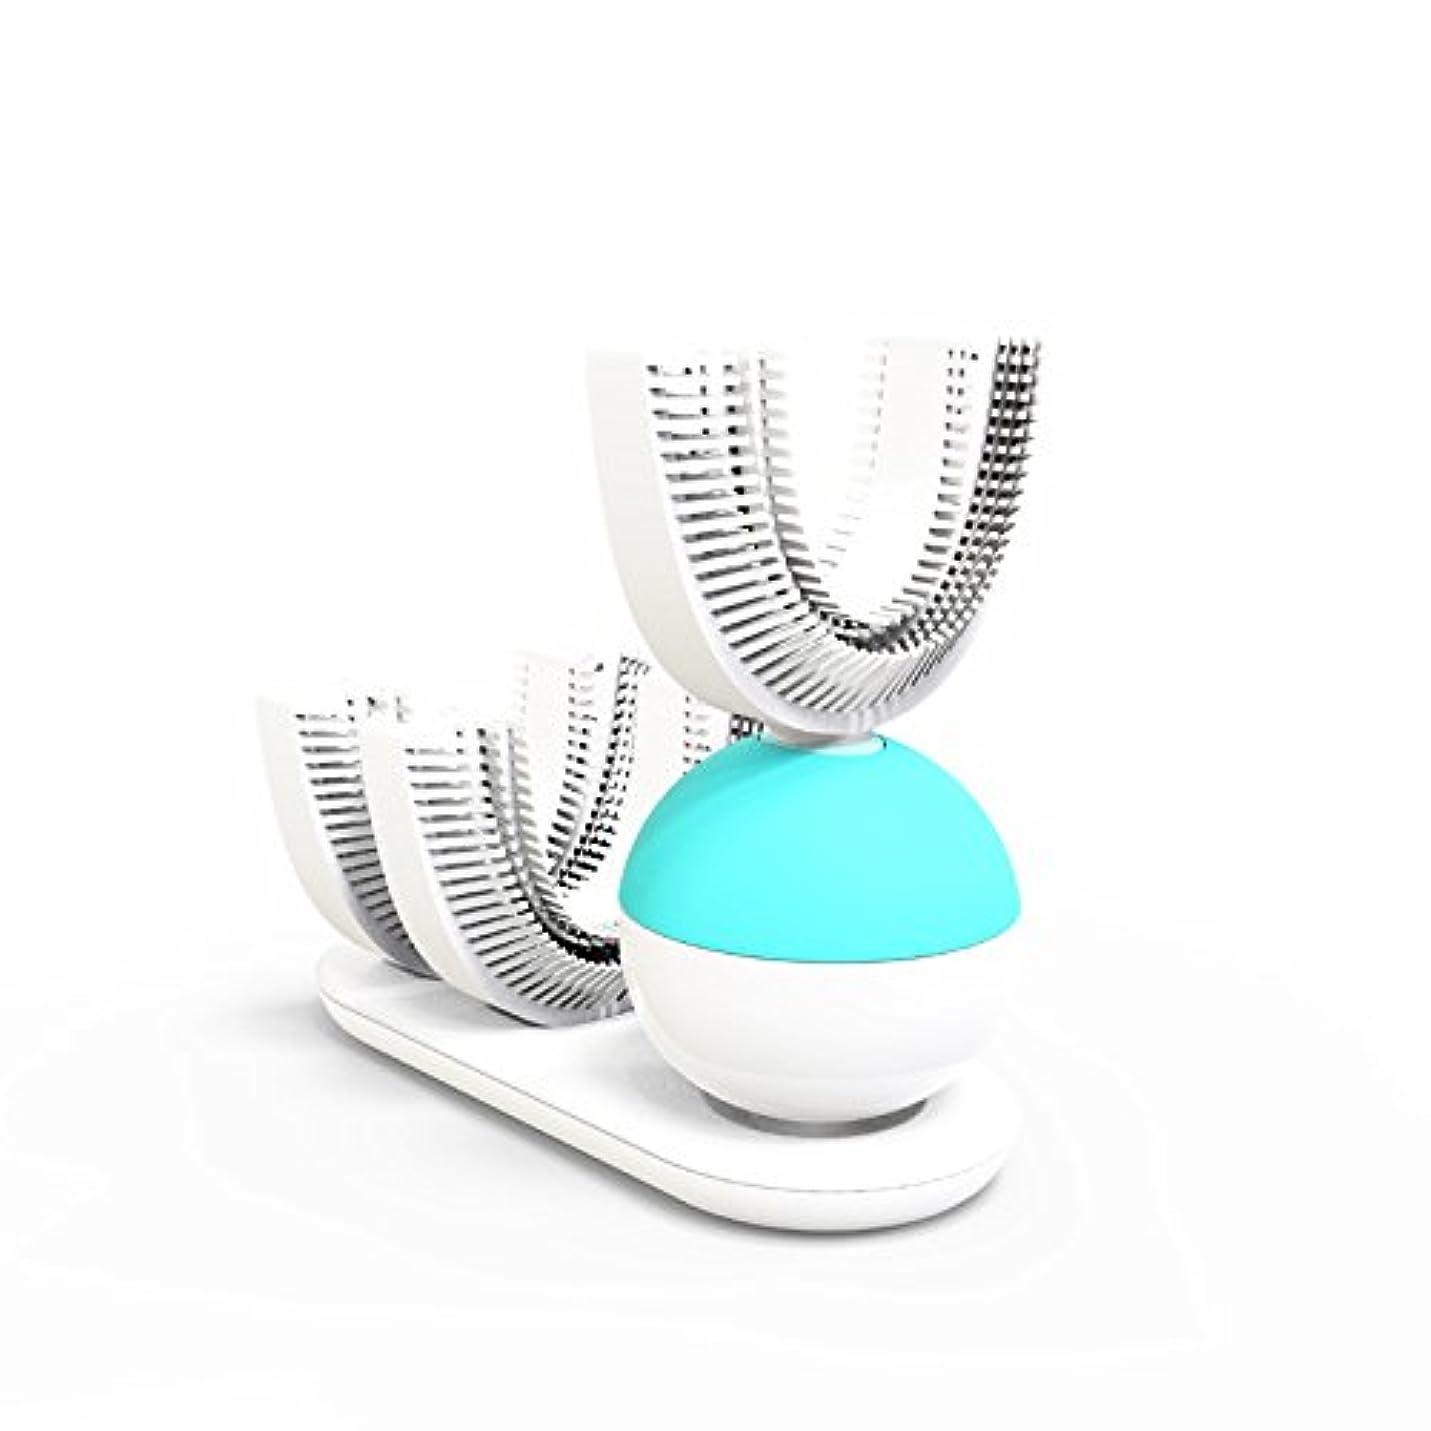 メダリスト鉛謝罪怠け者牙刷-電動 U型 超音波 専門370°全方位 自動歯ブラシ ワイヤレス充電 成人 怠け者 ユニークなU字型のマウスピース わずか10秒で歯磨き 自動バブル 2本の歯ブラシヘッド付き あなたの手を解放 磁気吸引接続...